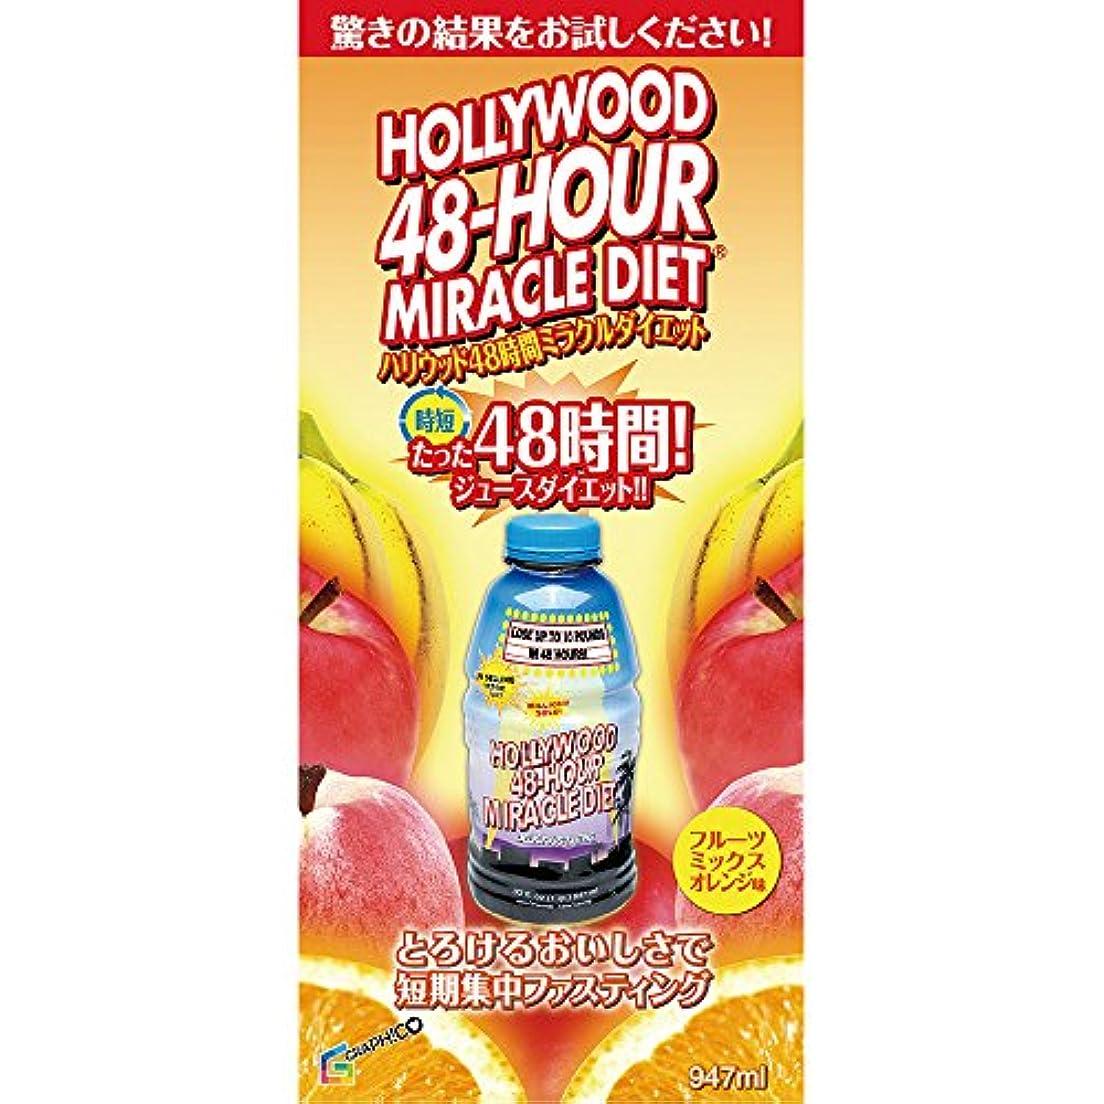 ペッカディロ進む方向ハリウッド48時間 ミラクルダイエット (フルーツミックスオレンジ味) 947ml